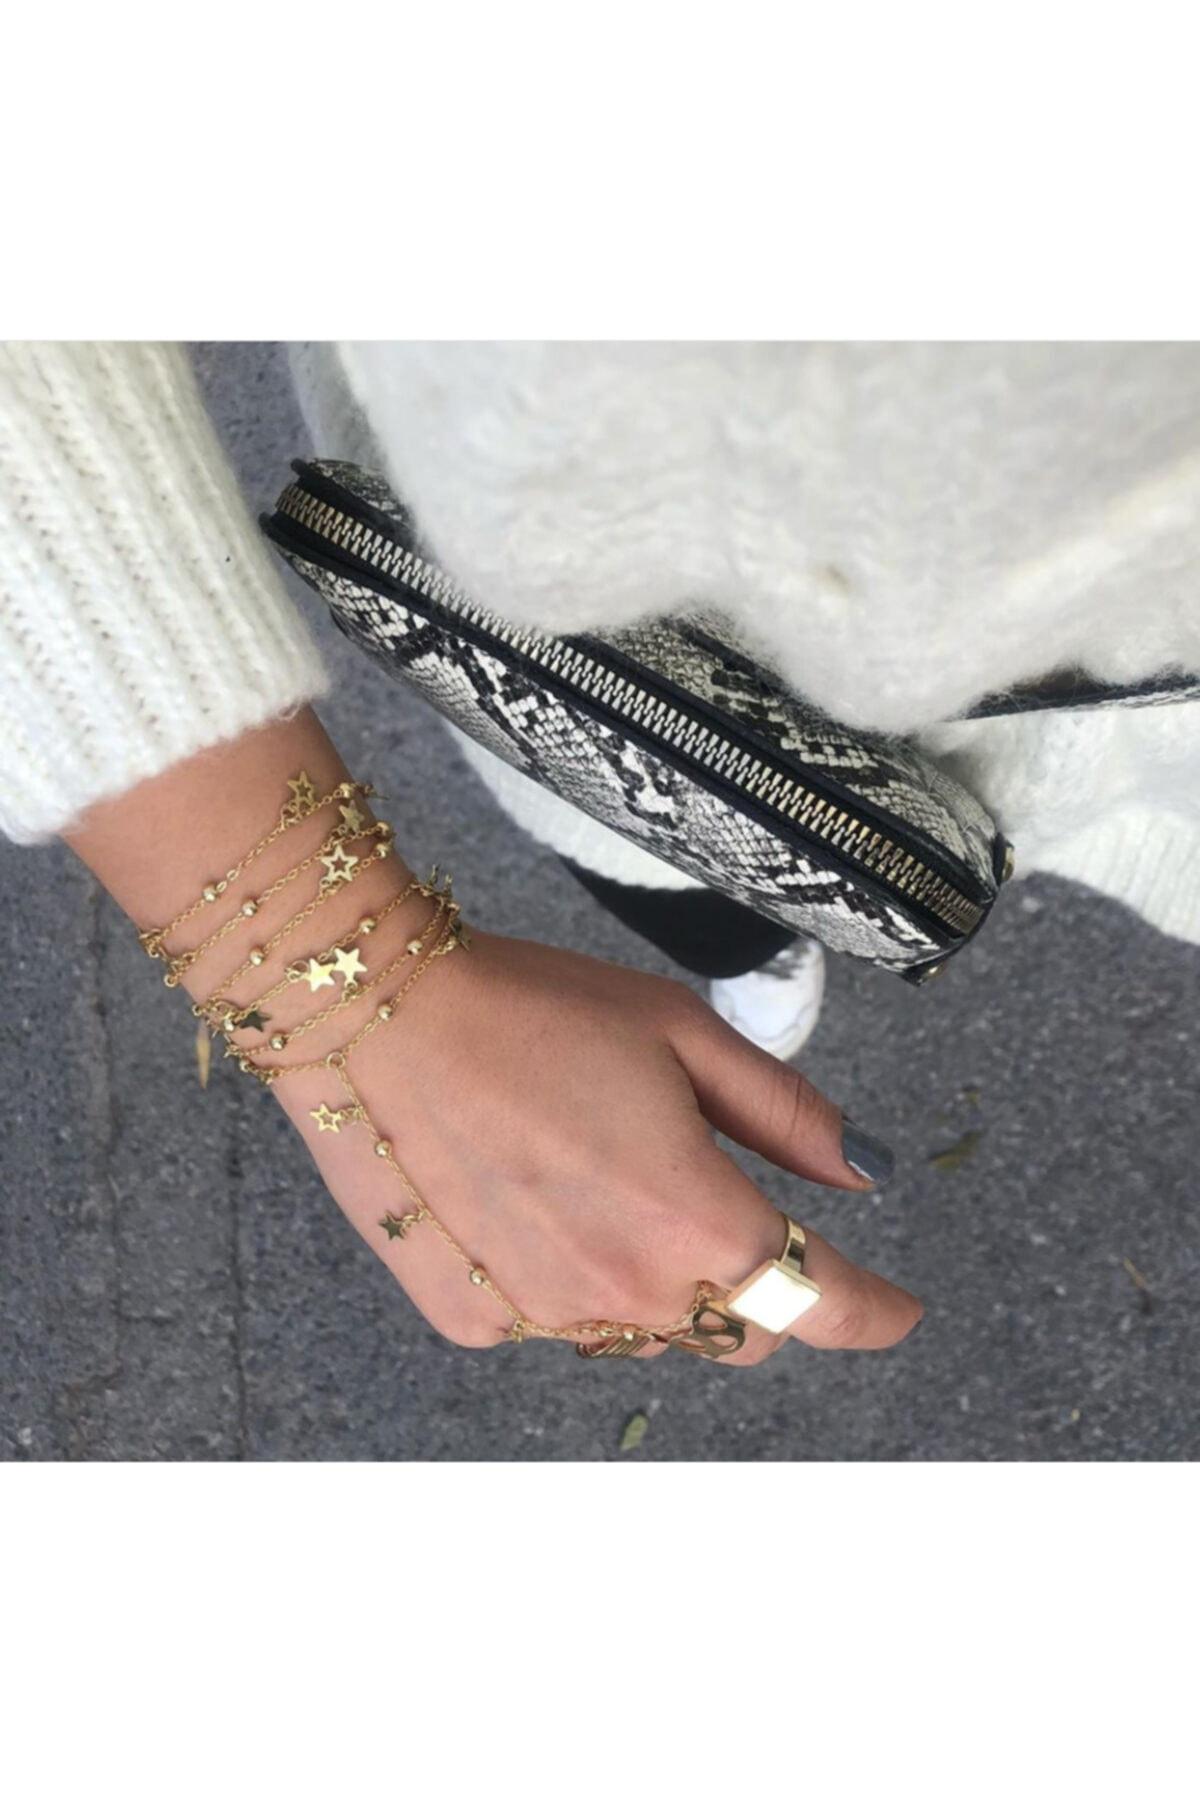 خرید اسان دستبند انگشتی زنانه زیبا برند pop up store رنگ طلایی ty49074063